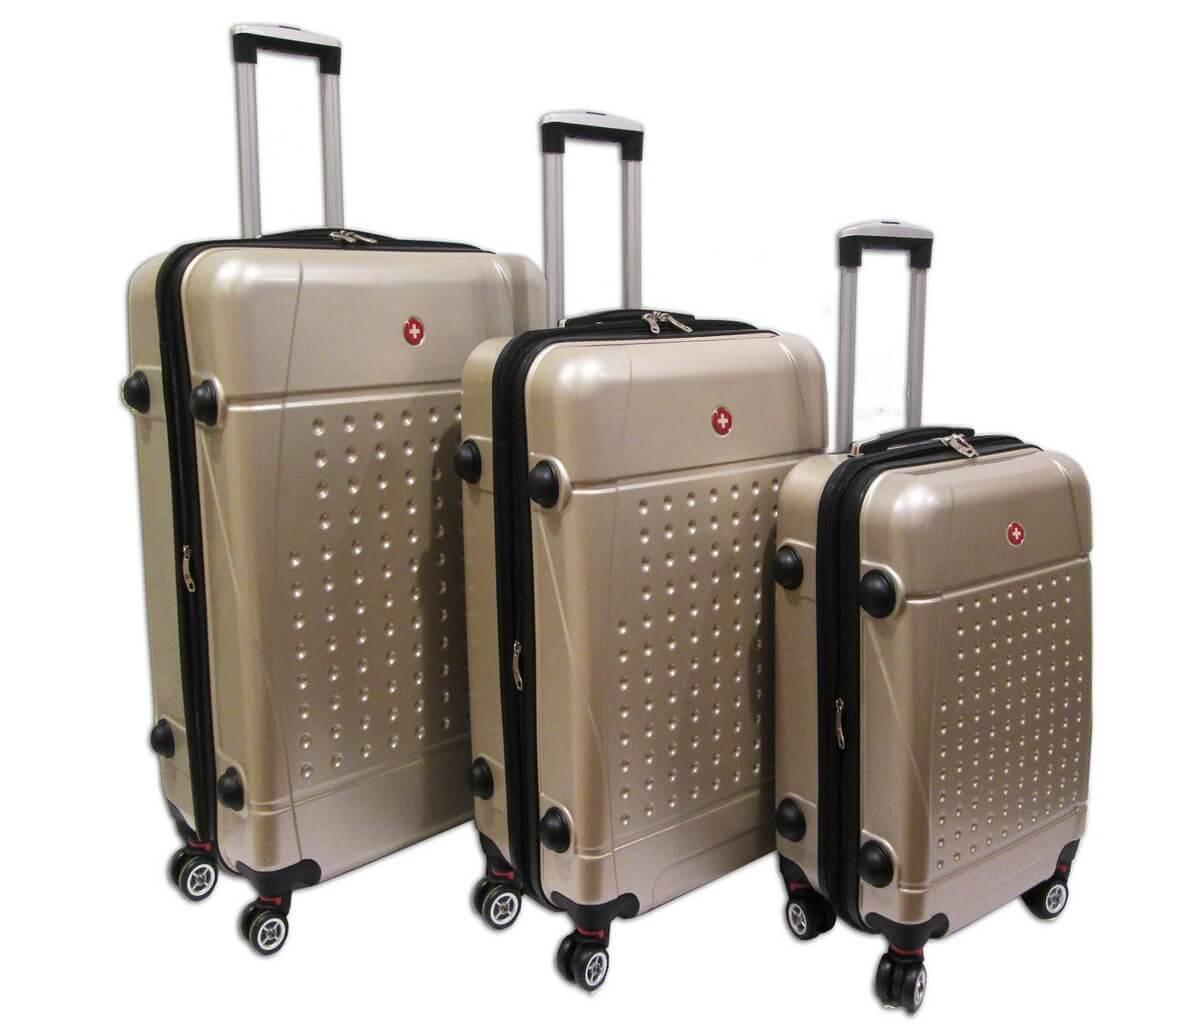 בנפט CarryOnline - סט מזוודות קשיחות במבצע Swiss Travel EQ-95